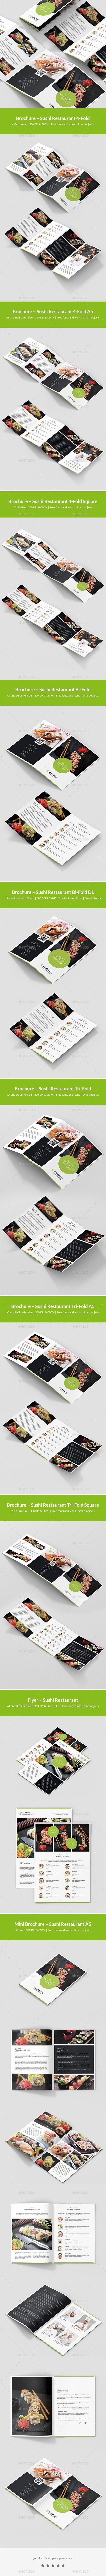 Sushi Restaurant – Brochures Bundle Print Templates 10 in 1 - Corporate Brochures